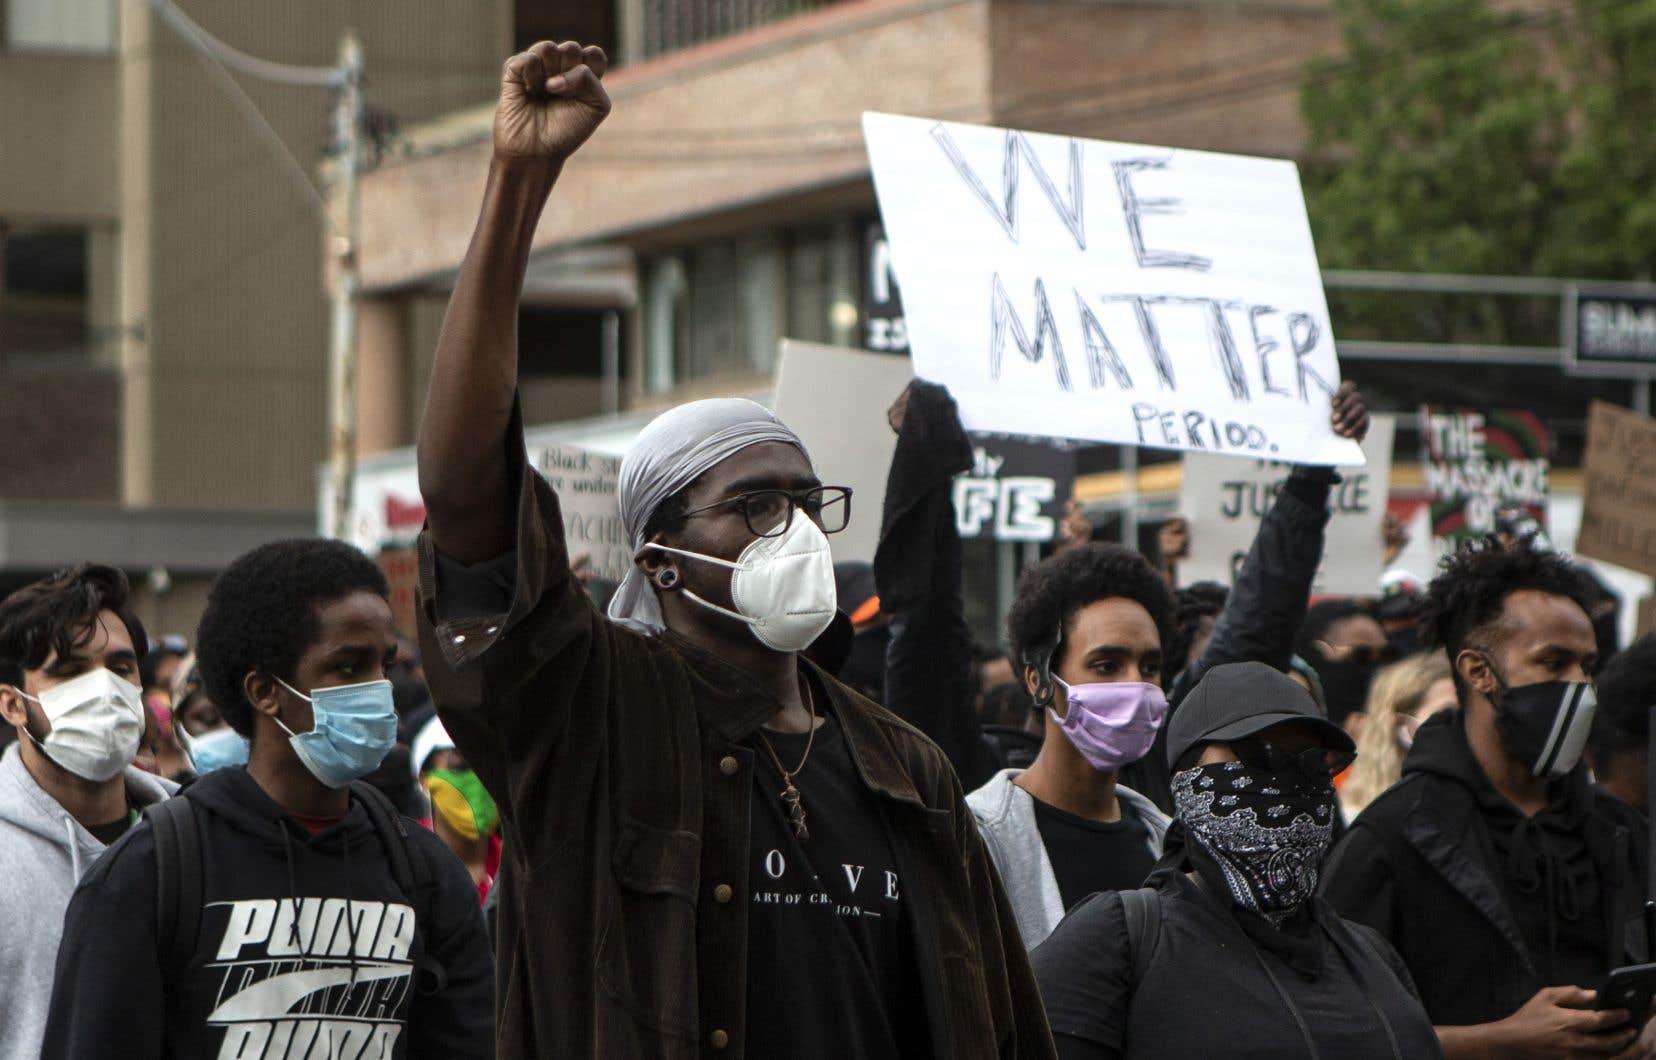 Des milliers de personnes ont défilé dans les rues de Toronto, samedi, pour dénoncer la violence policière envers les minorités visibles.